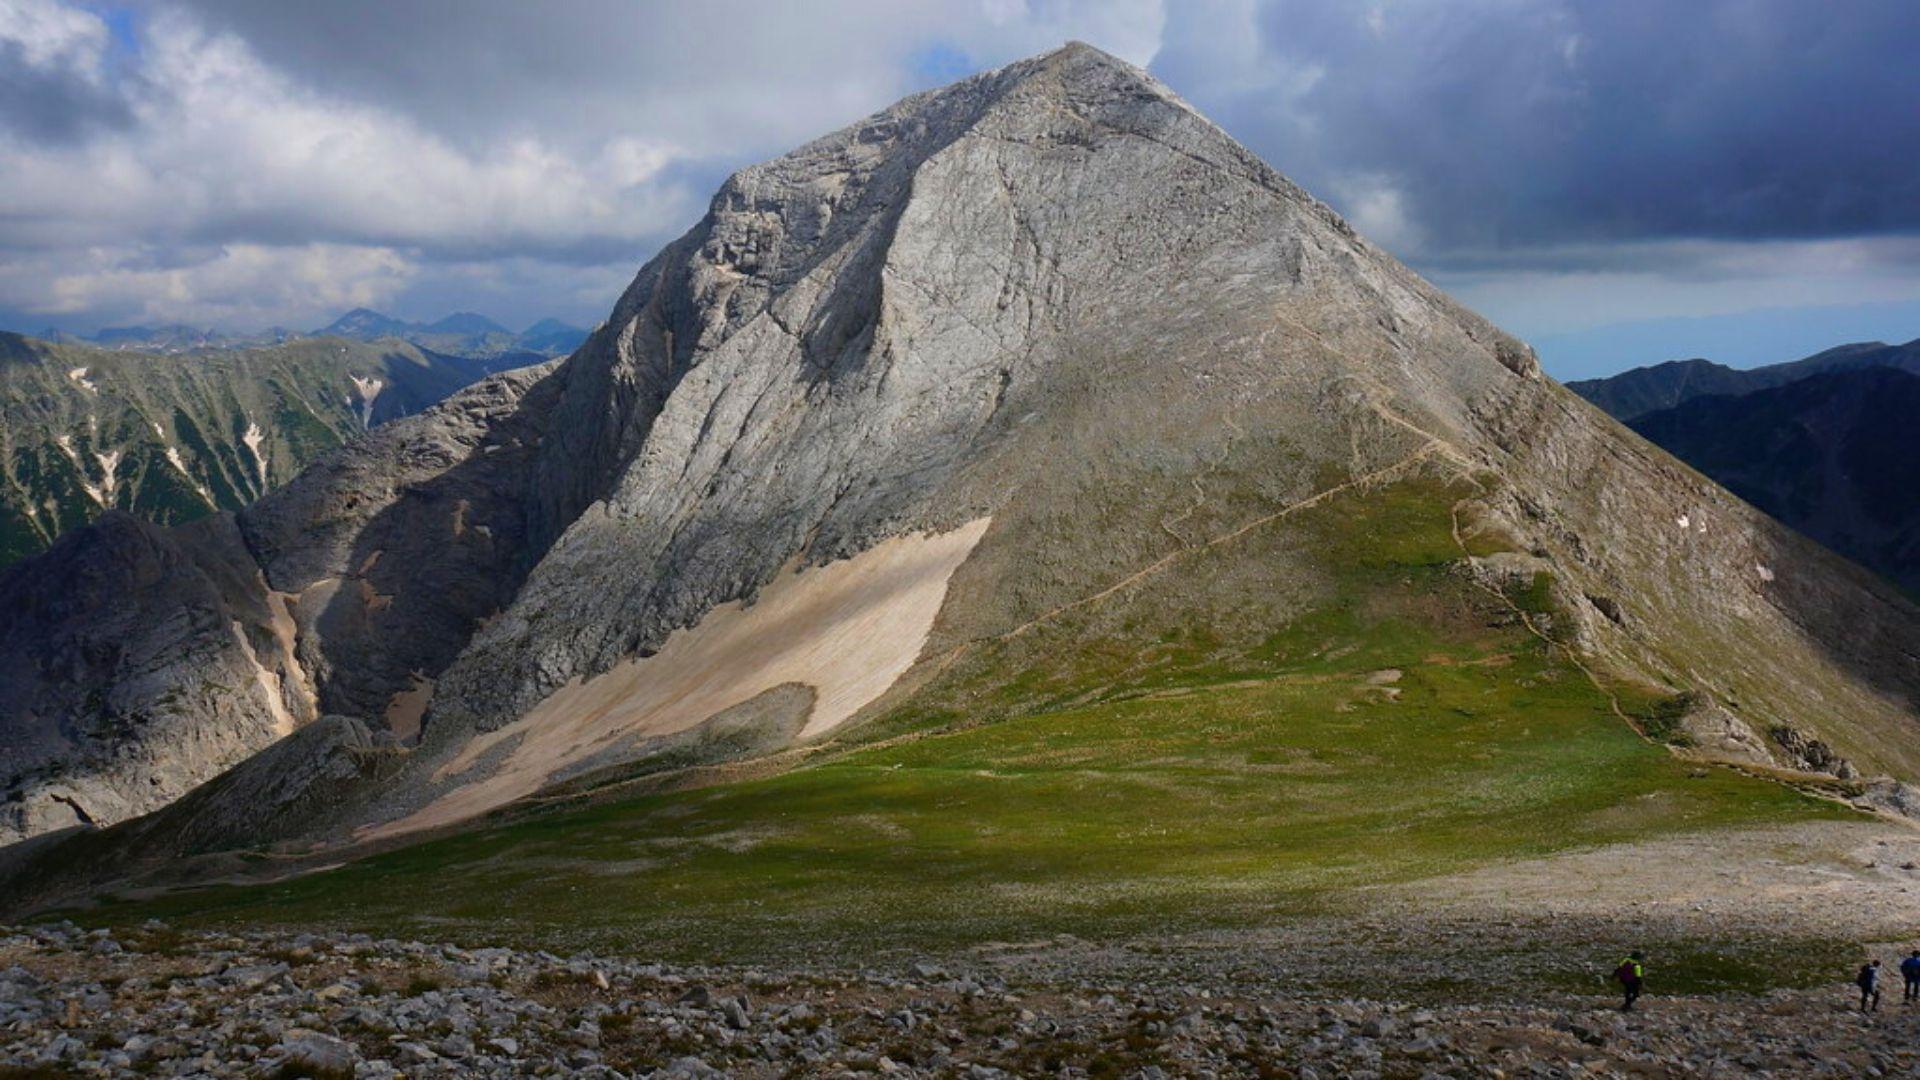 Връх Вихрен, Пирин планина